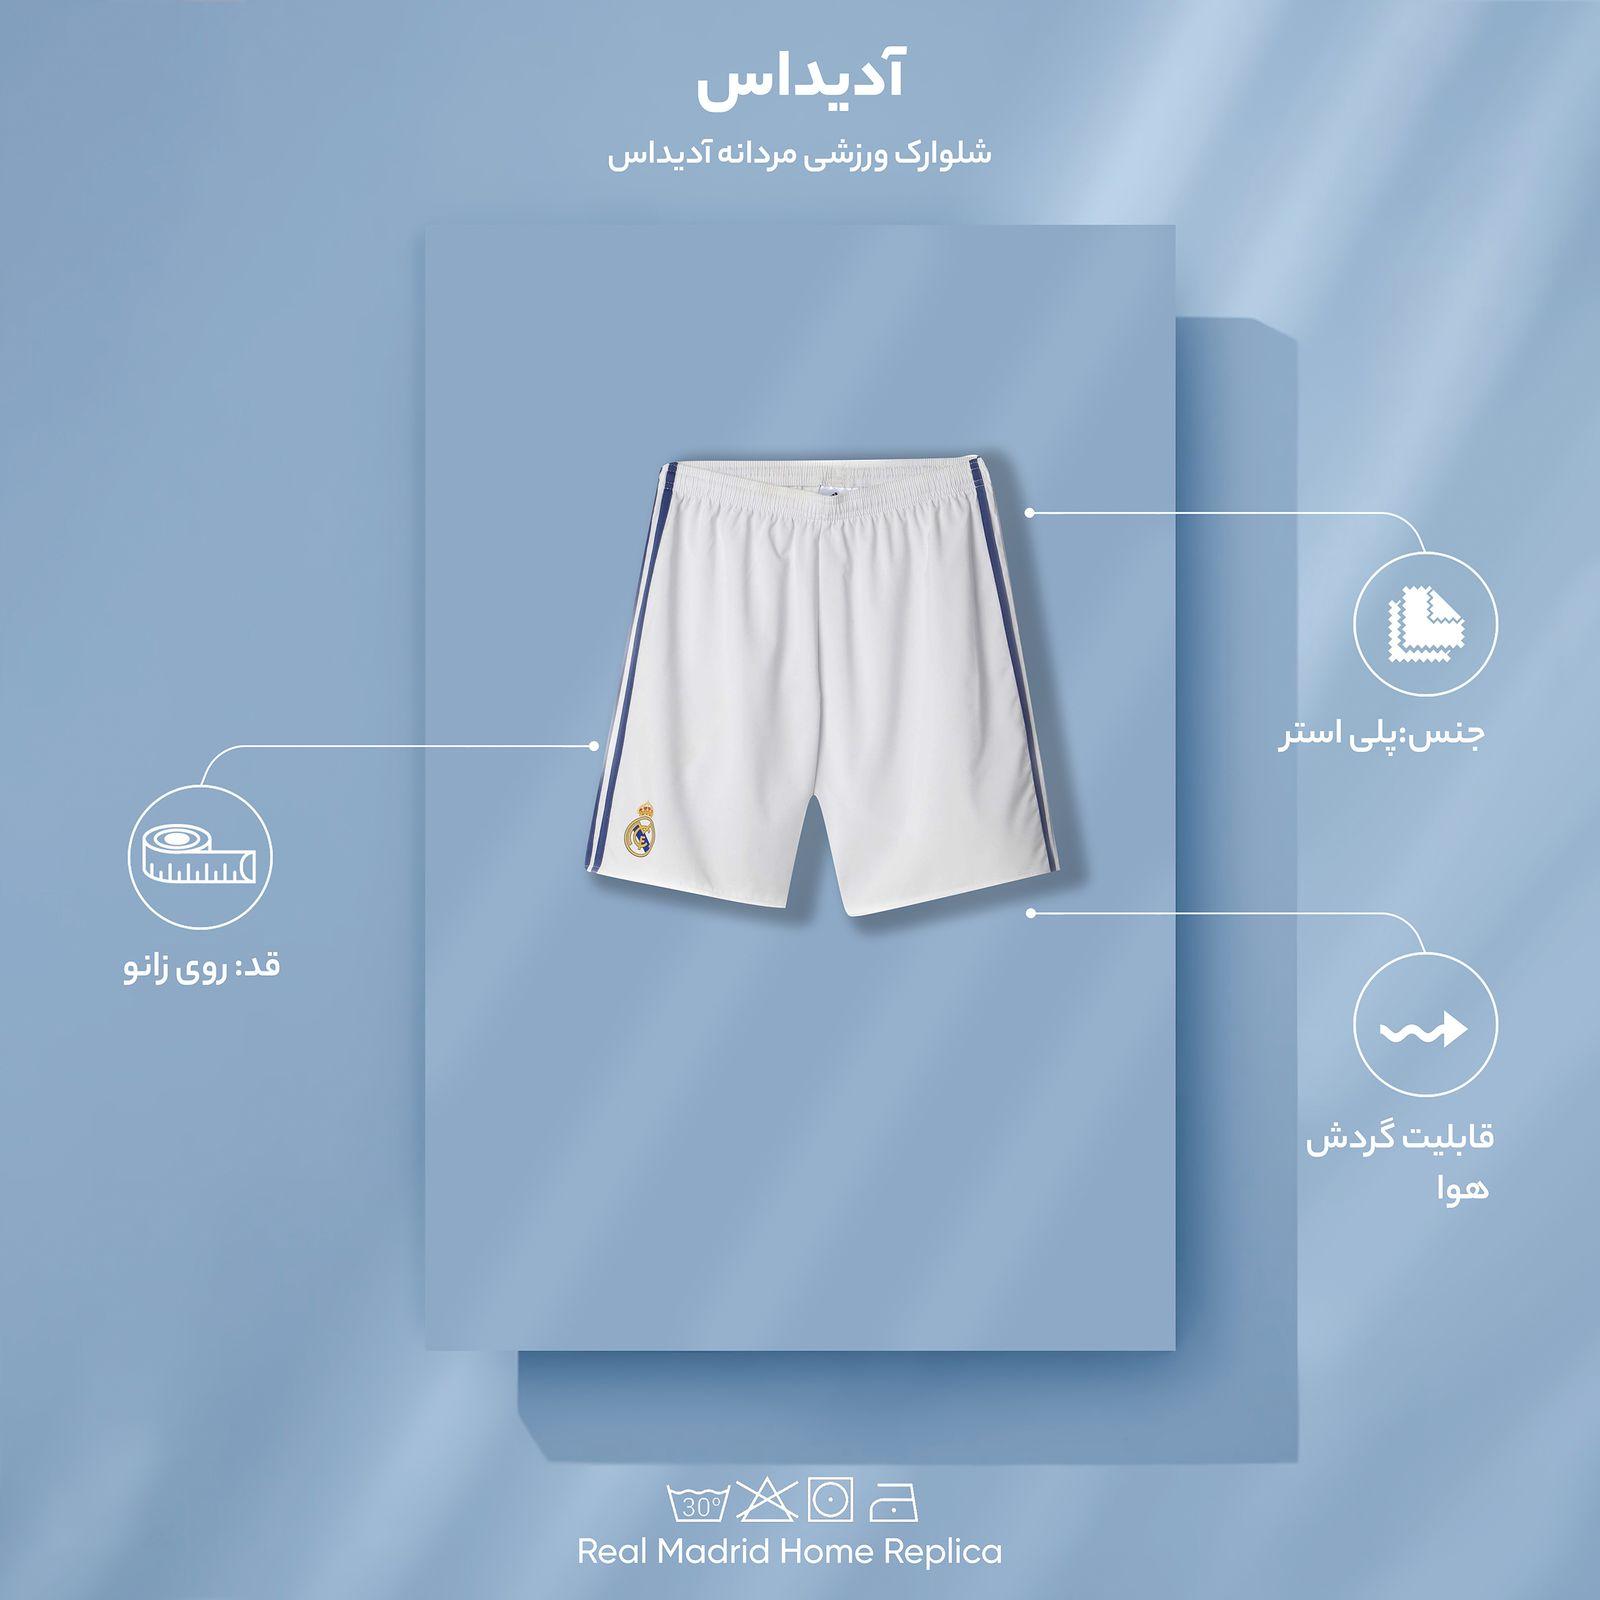 شلوارک ورزشی مردانه آدیداس مدل Real Madrid Home Replica - سفيد - 5